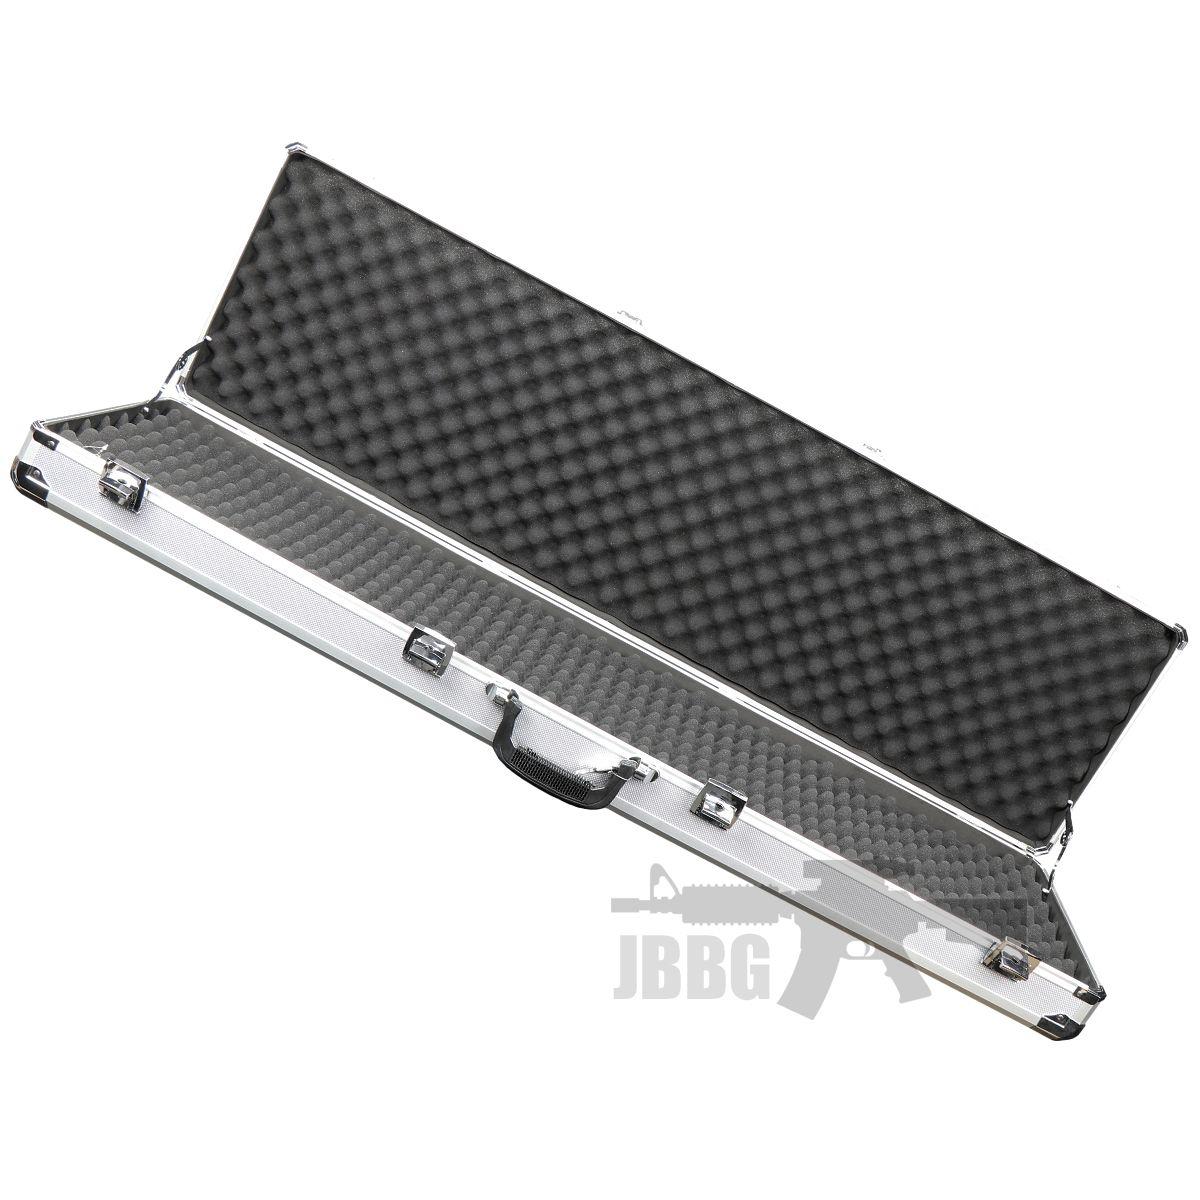 mis-size-303-gun-case